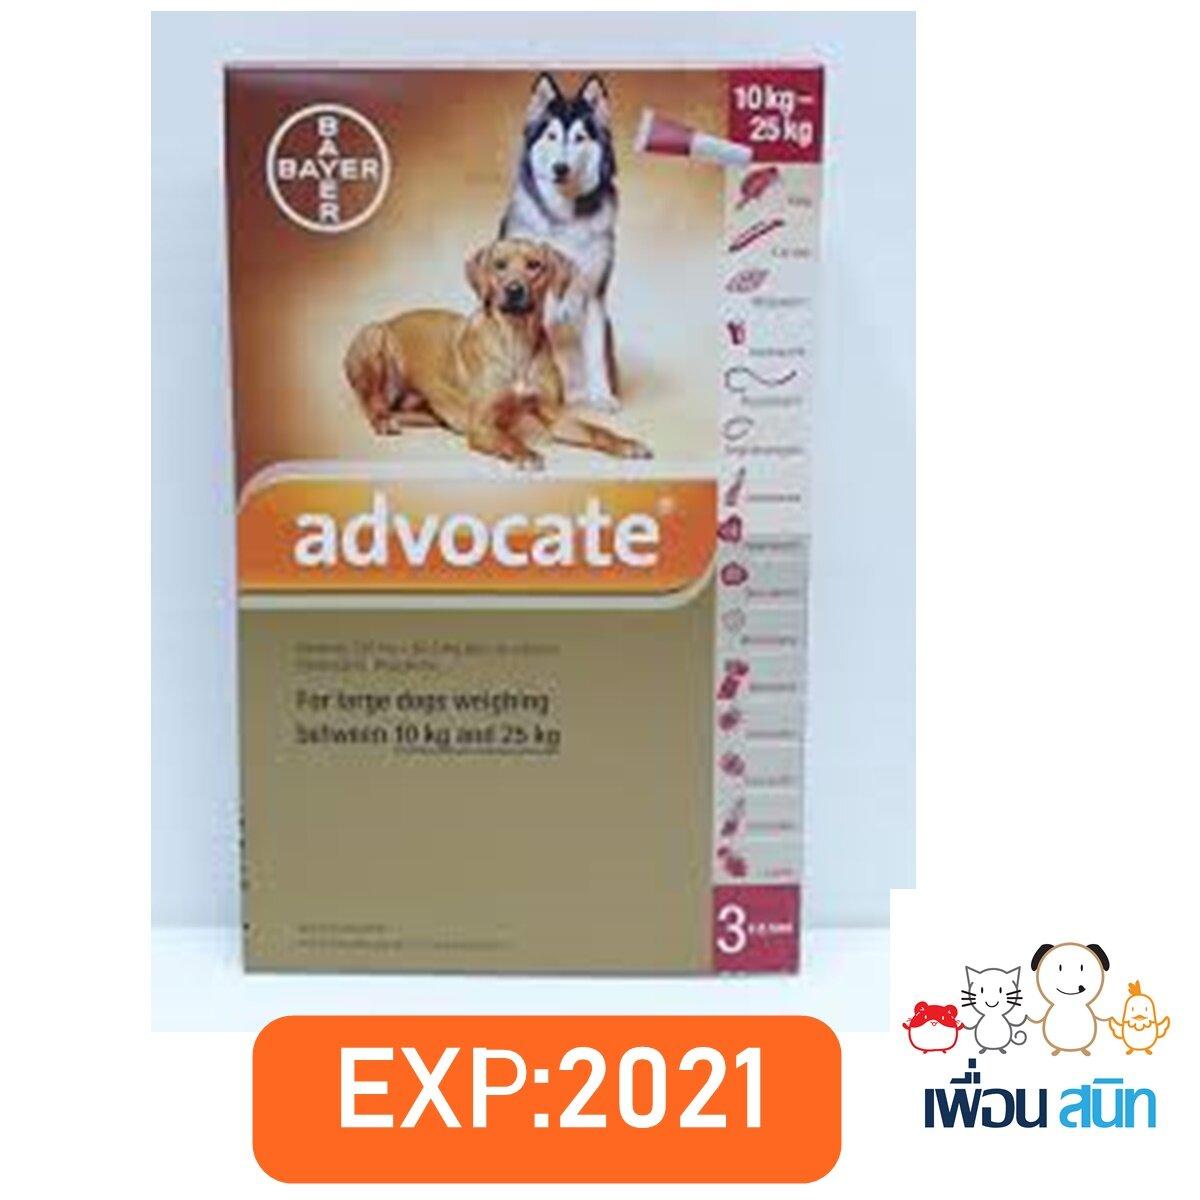 Advocate Dog 10- 25kg. ยาหยดกำจัด เห็บ หมัด สำหรับสุนัข 1 กล่อง บรรจุ 3 หลอด สีแดง.